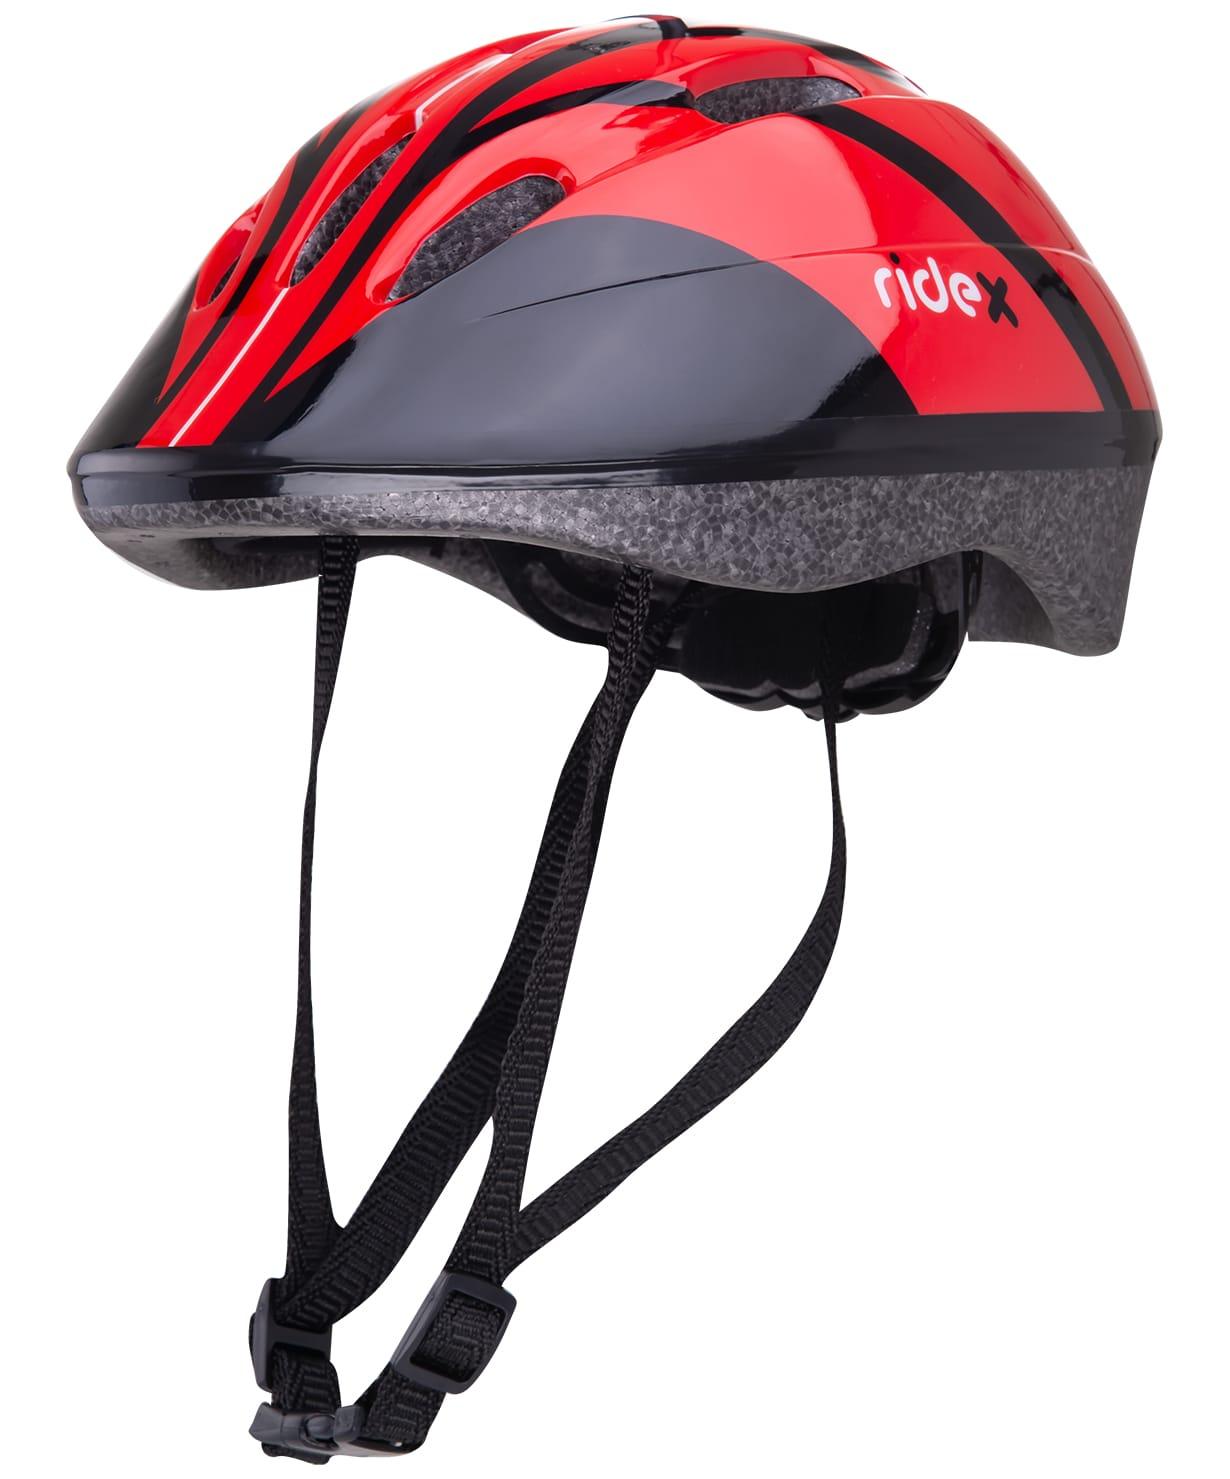 Шлем защитный Ridex Rapid, красный шлем ridex ут 00008189 cyclone синий чёрный